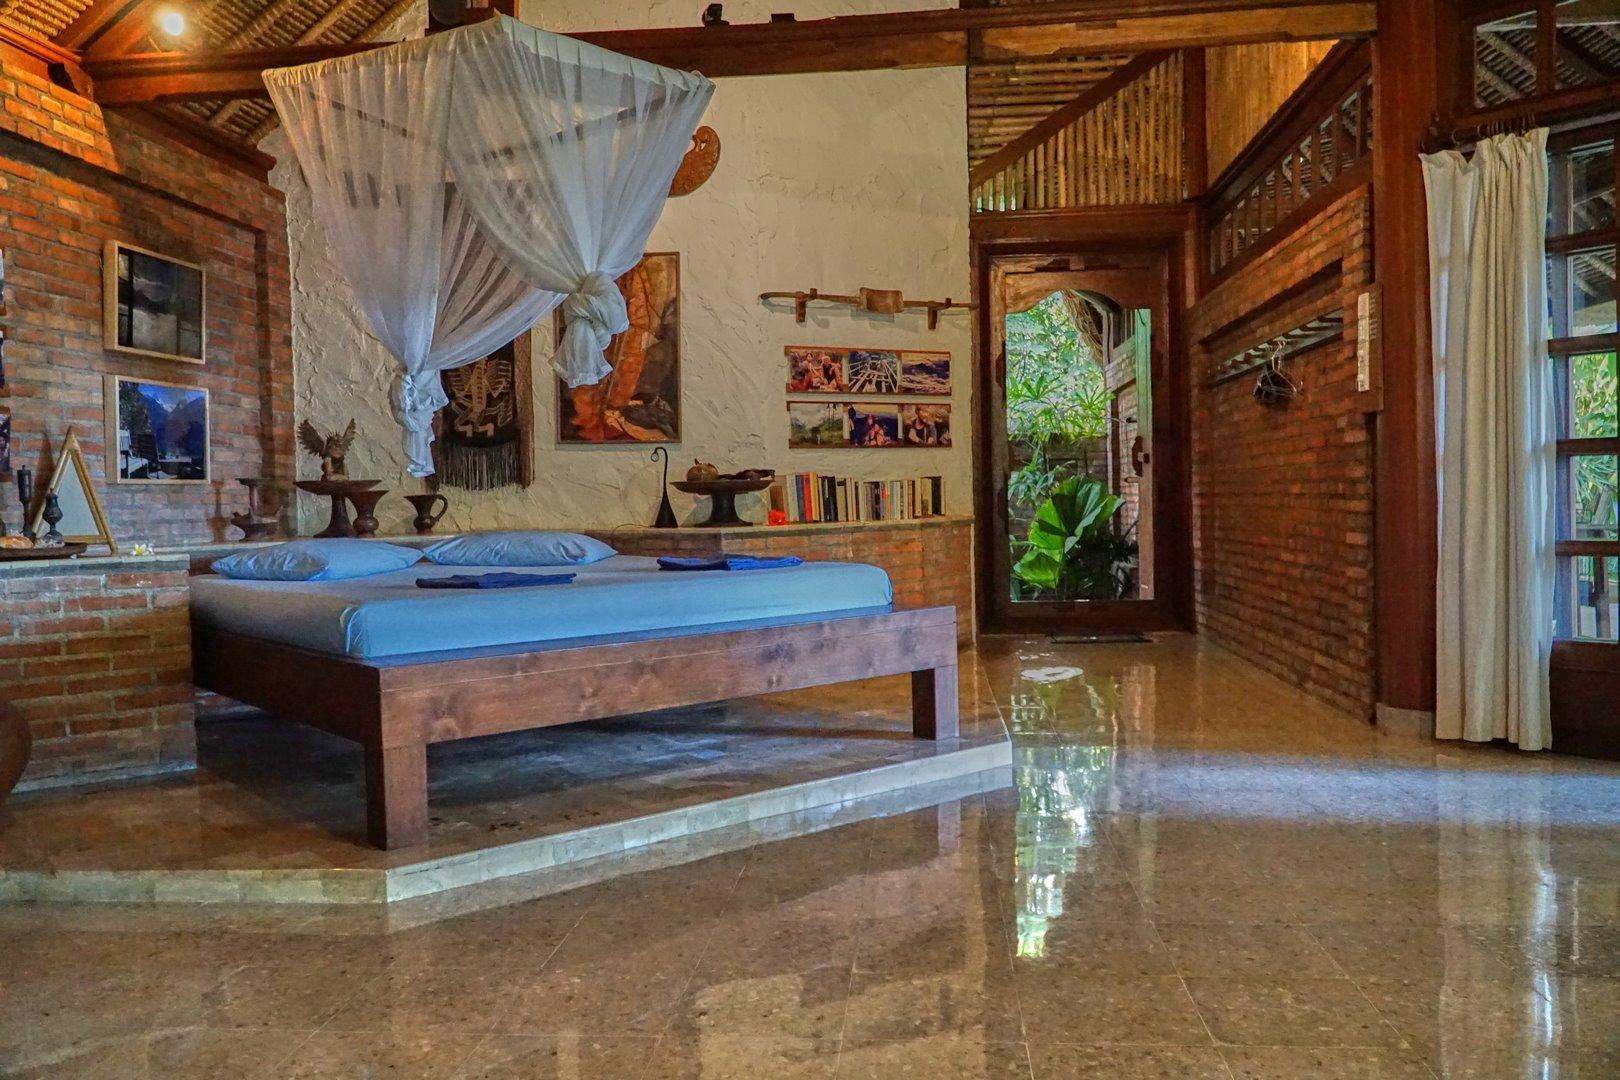 Villa mit balinesischem Interieur